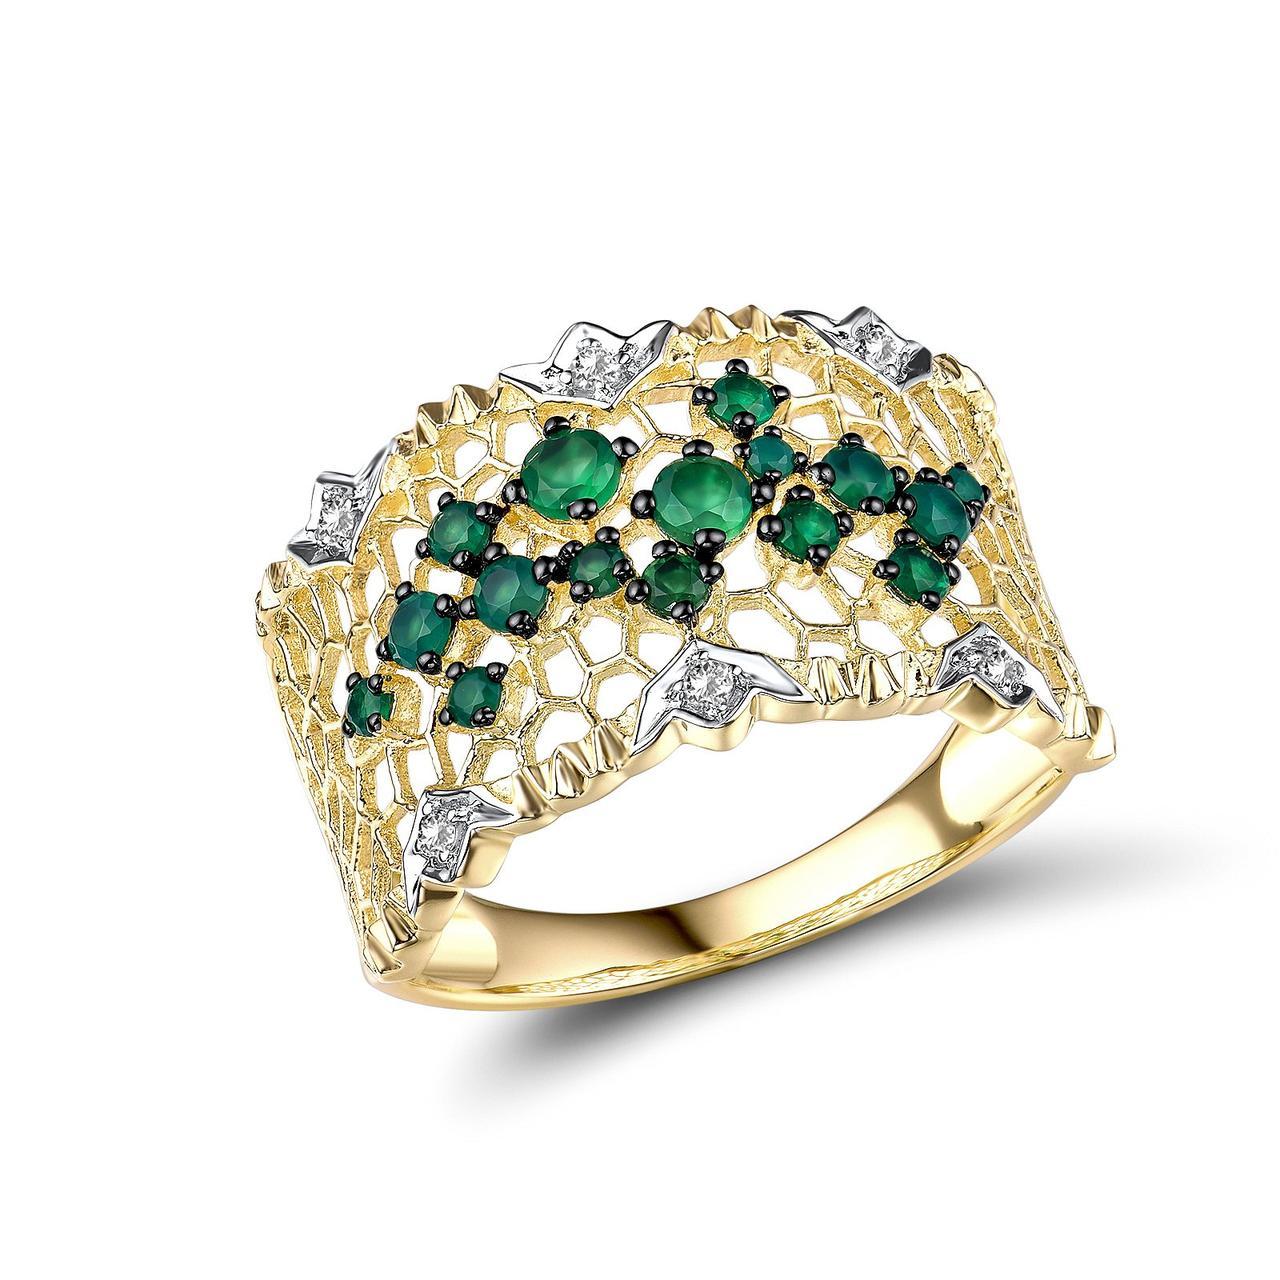 Золотое кольцо с агатами и сапфирами, размер 17 (1719110)